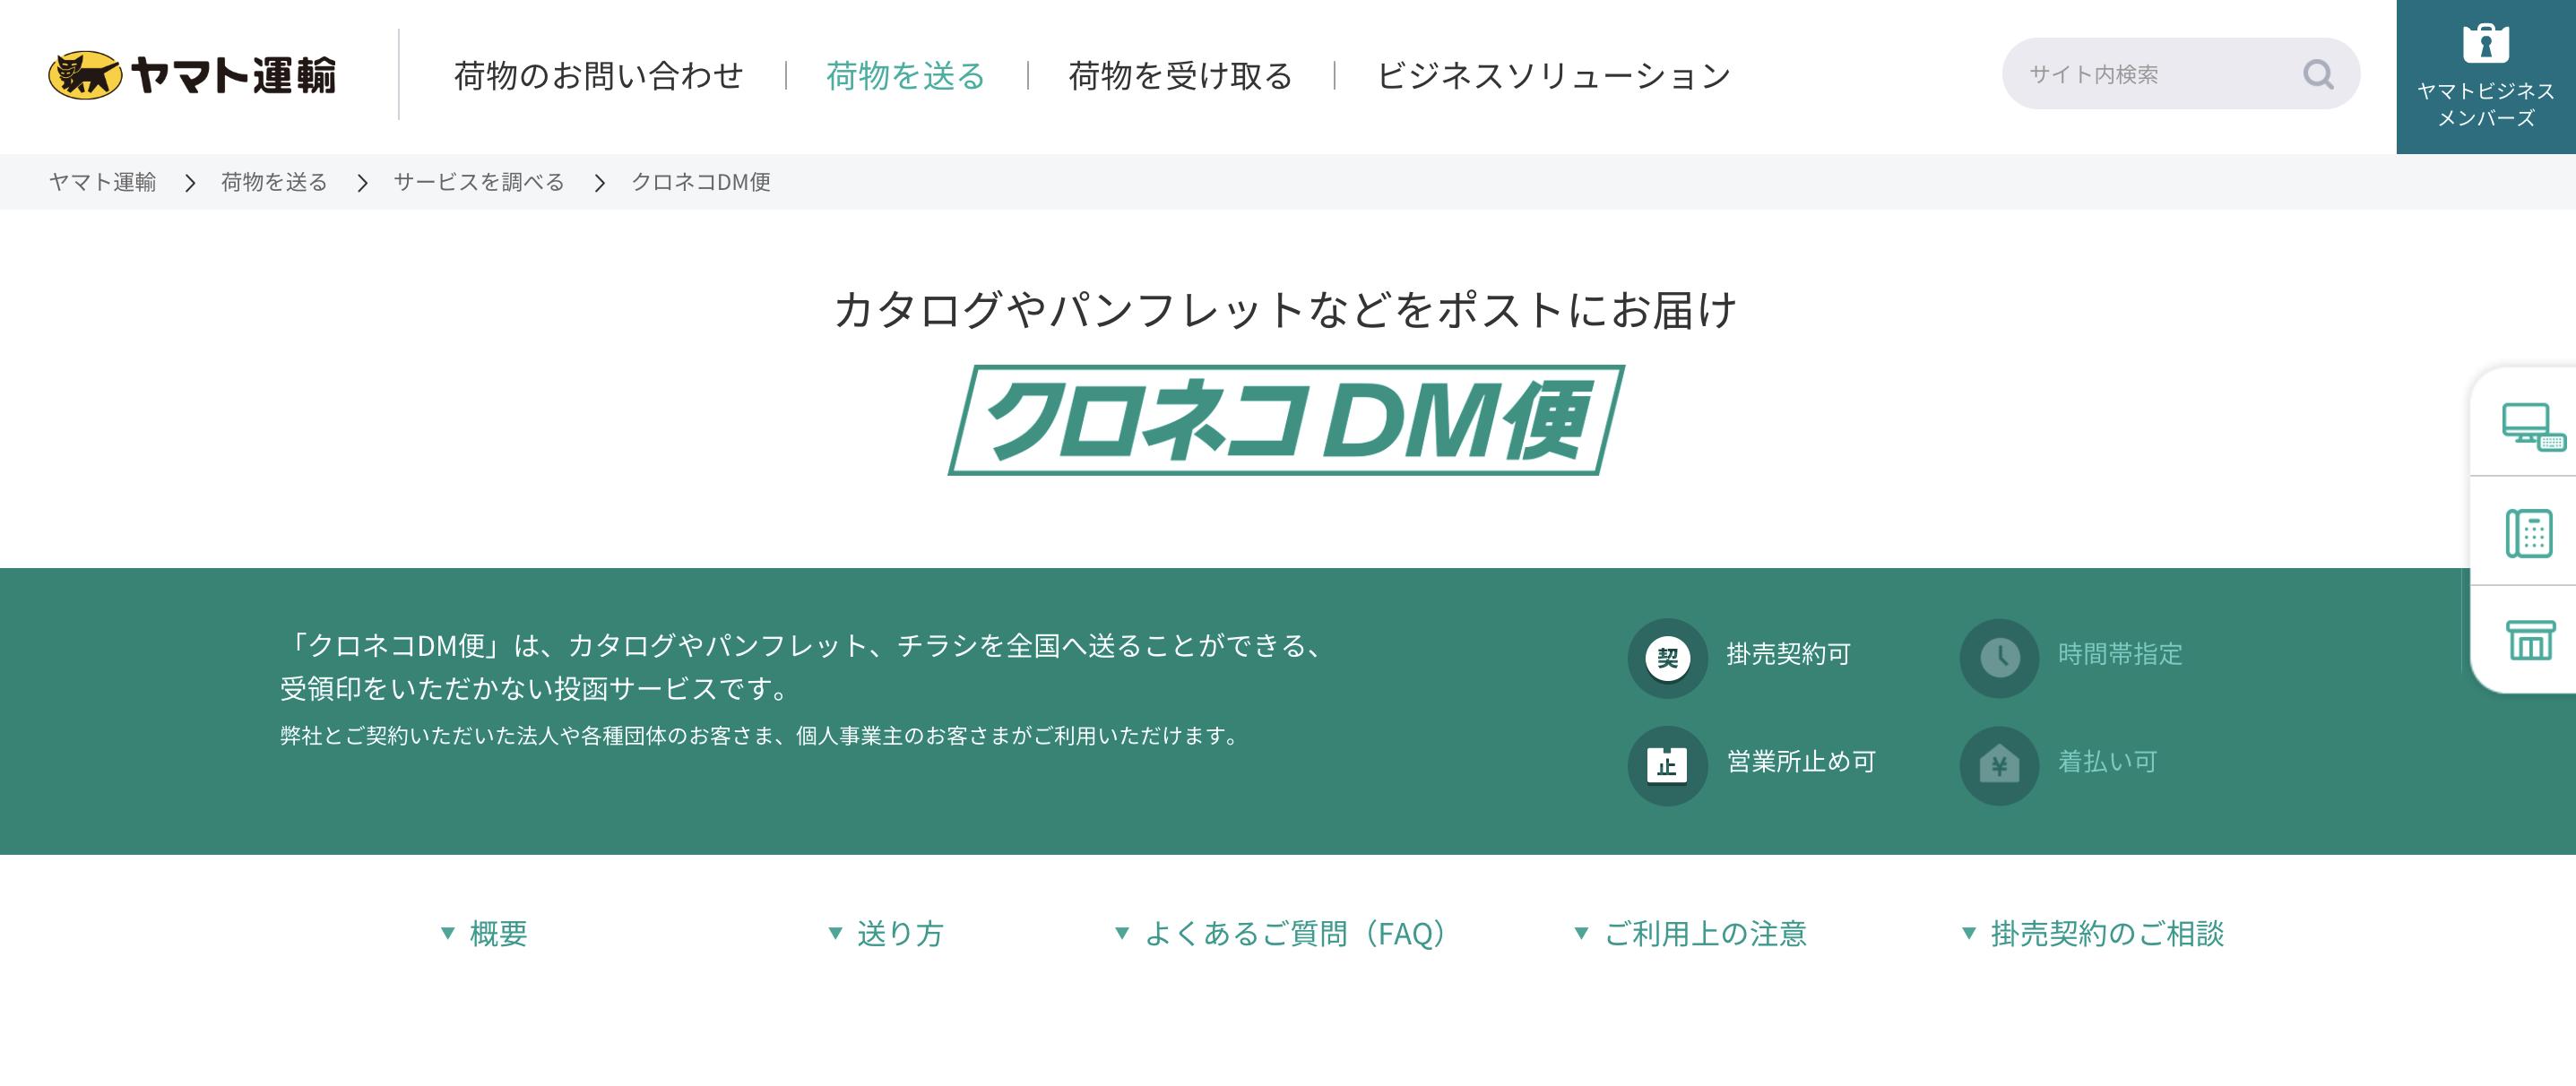 クロネコDM便.png